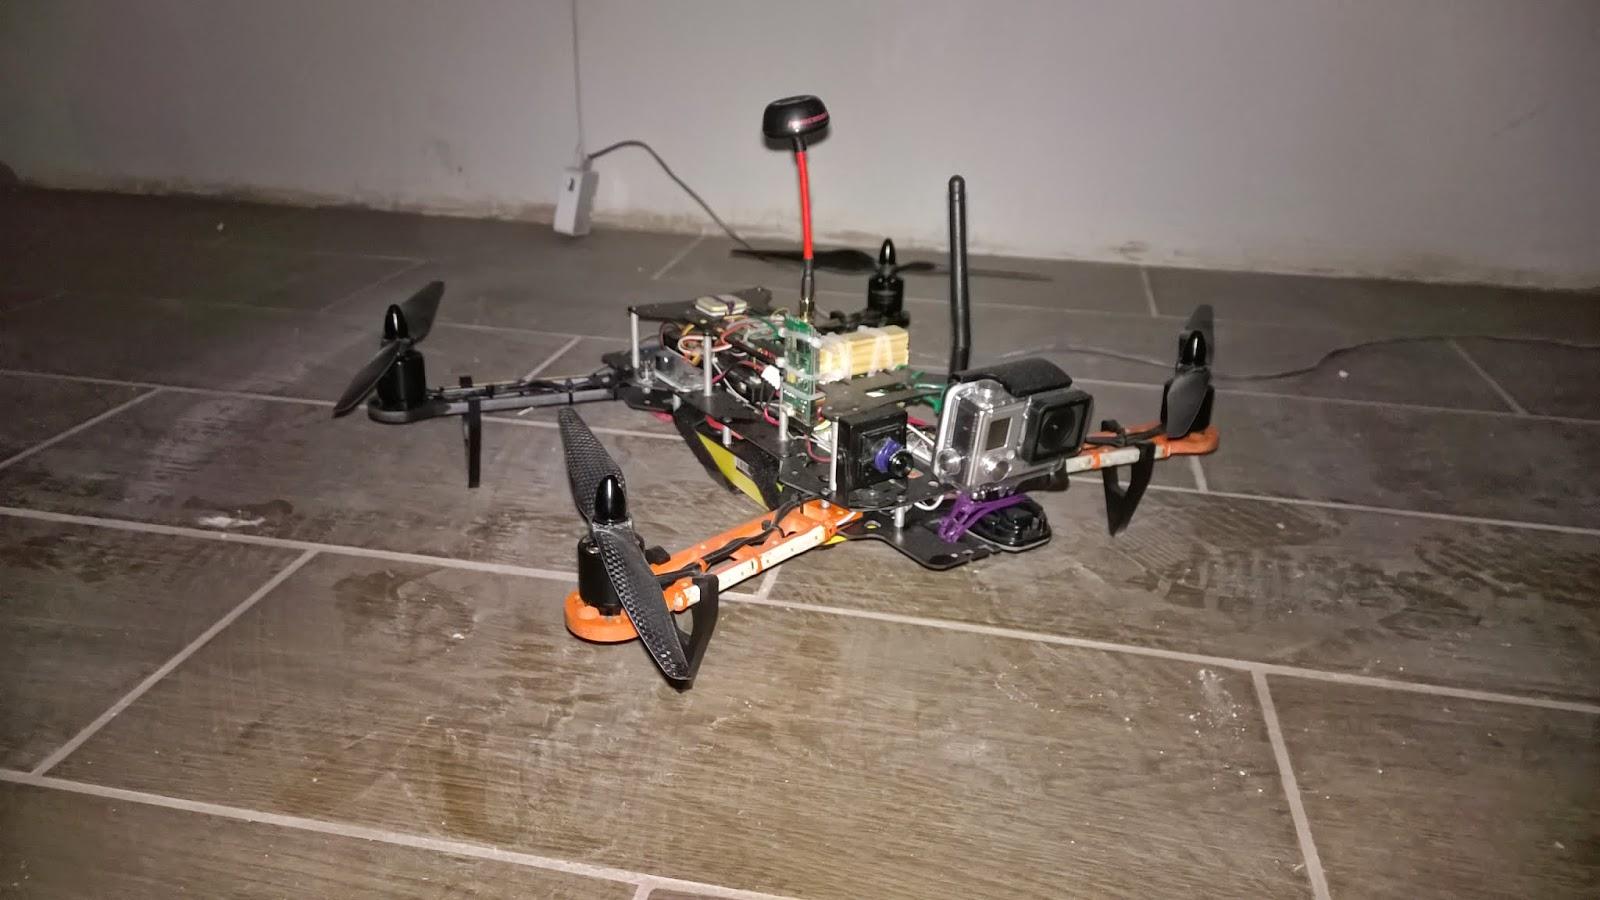 Квадрокоптер управление gsm квадрокоптер dji mavic pro купить в украине